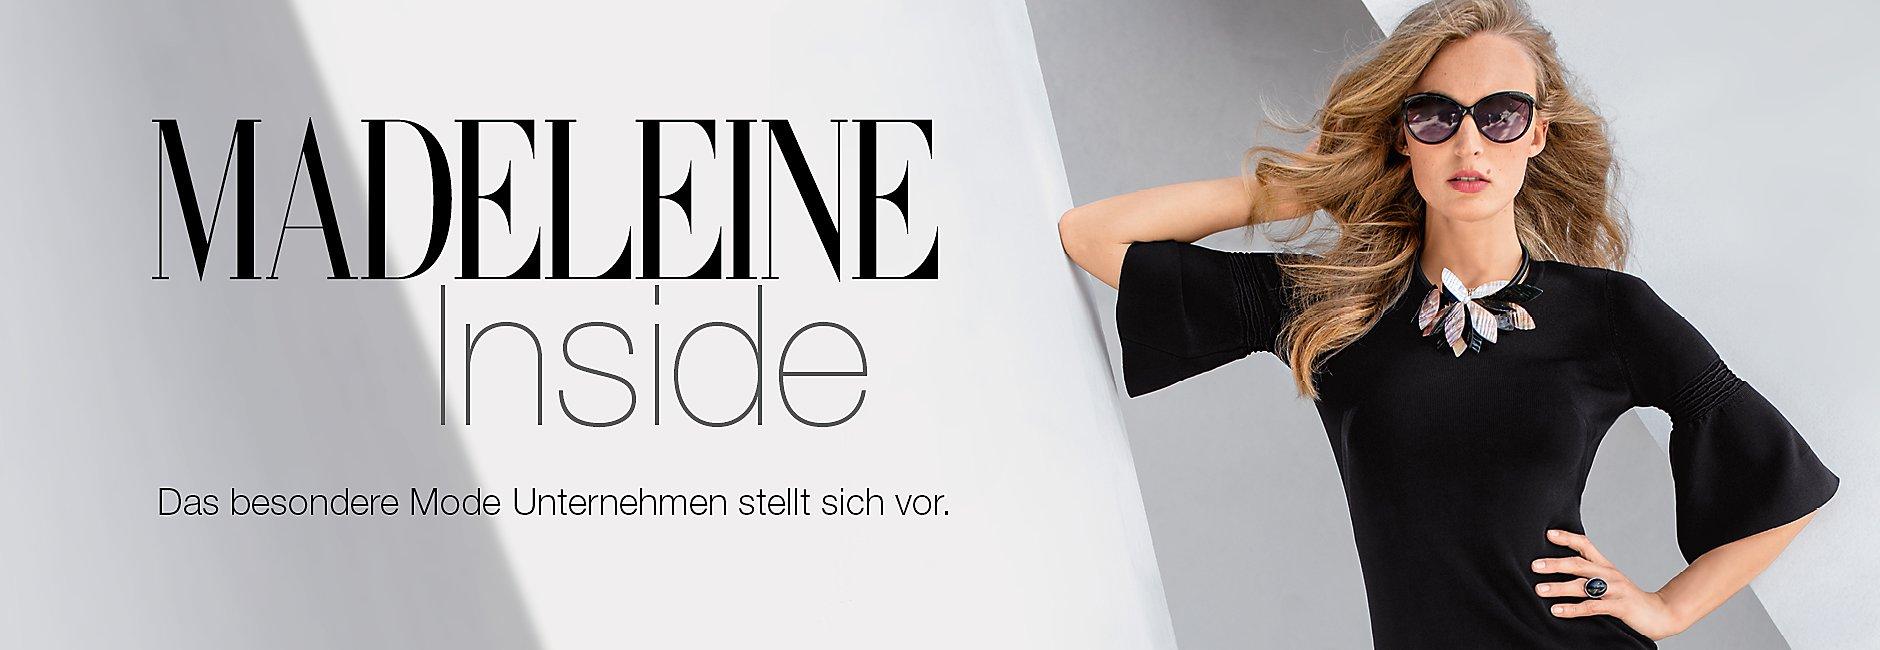 MADELEINE - Das besondere Mode Unternehmen stellt sich vor